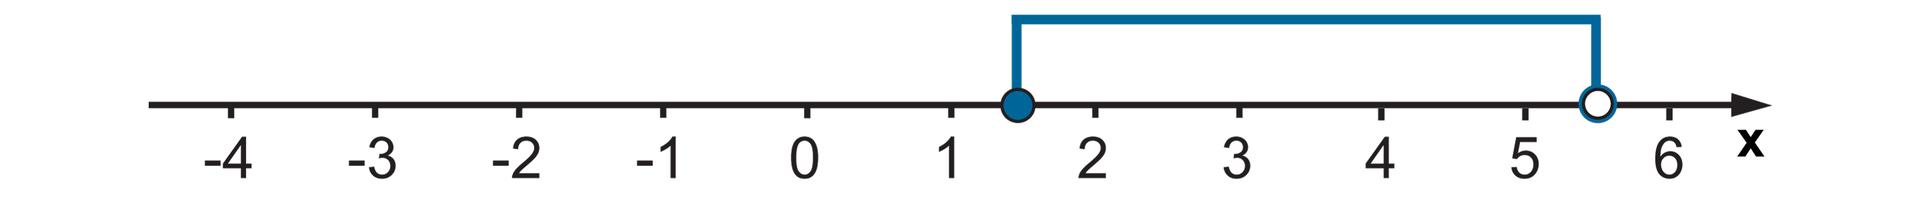 Rysunek osi liczbowej zzaznaczonymi punktami od -4 do 6. Zamalowane kółko wpunkcie jeden ijedna druga. Niezamalowane wpięć ijedna druga. Zaznaczone wszystkie liczby między nimi.